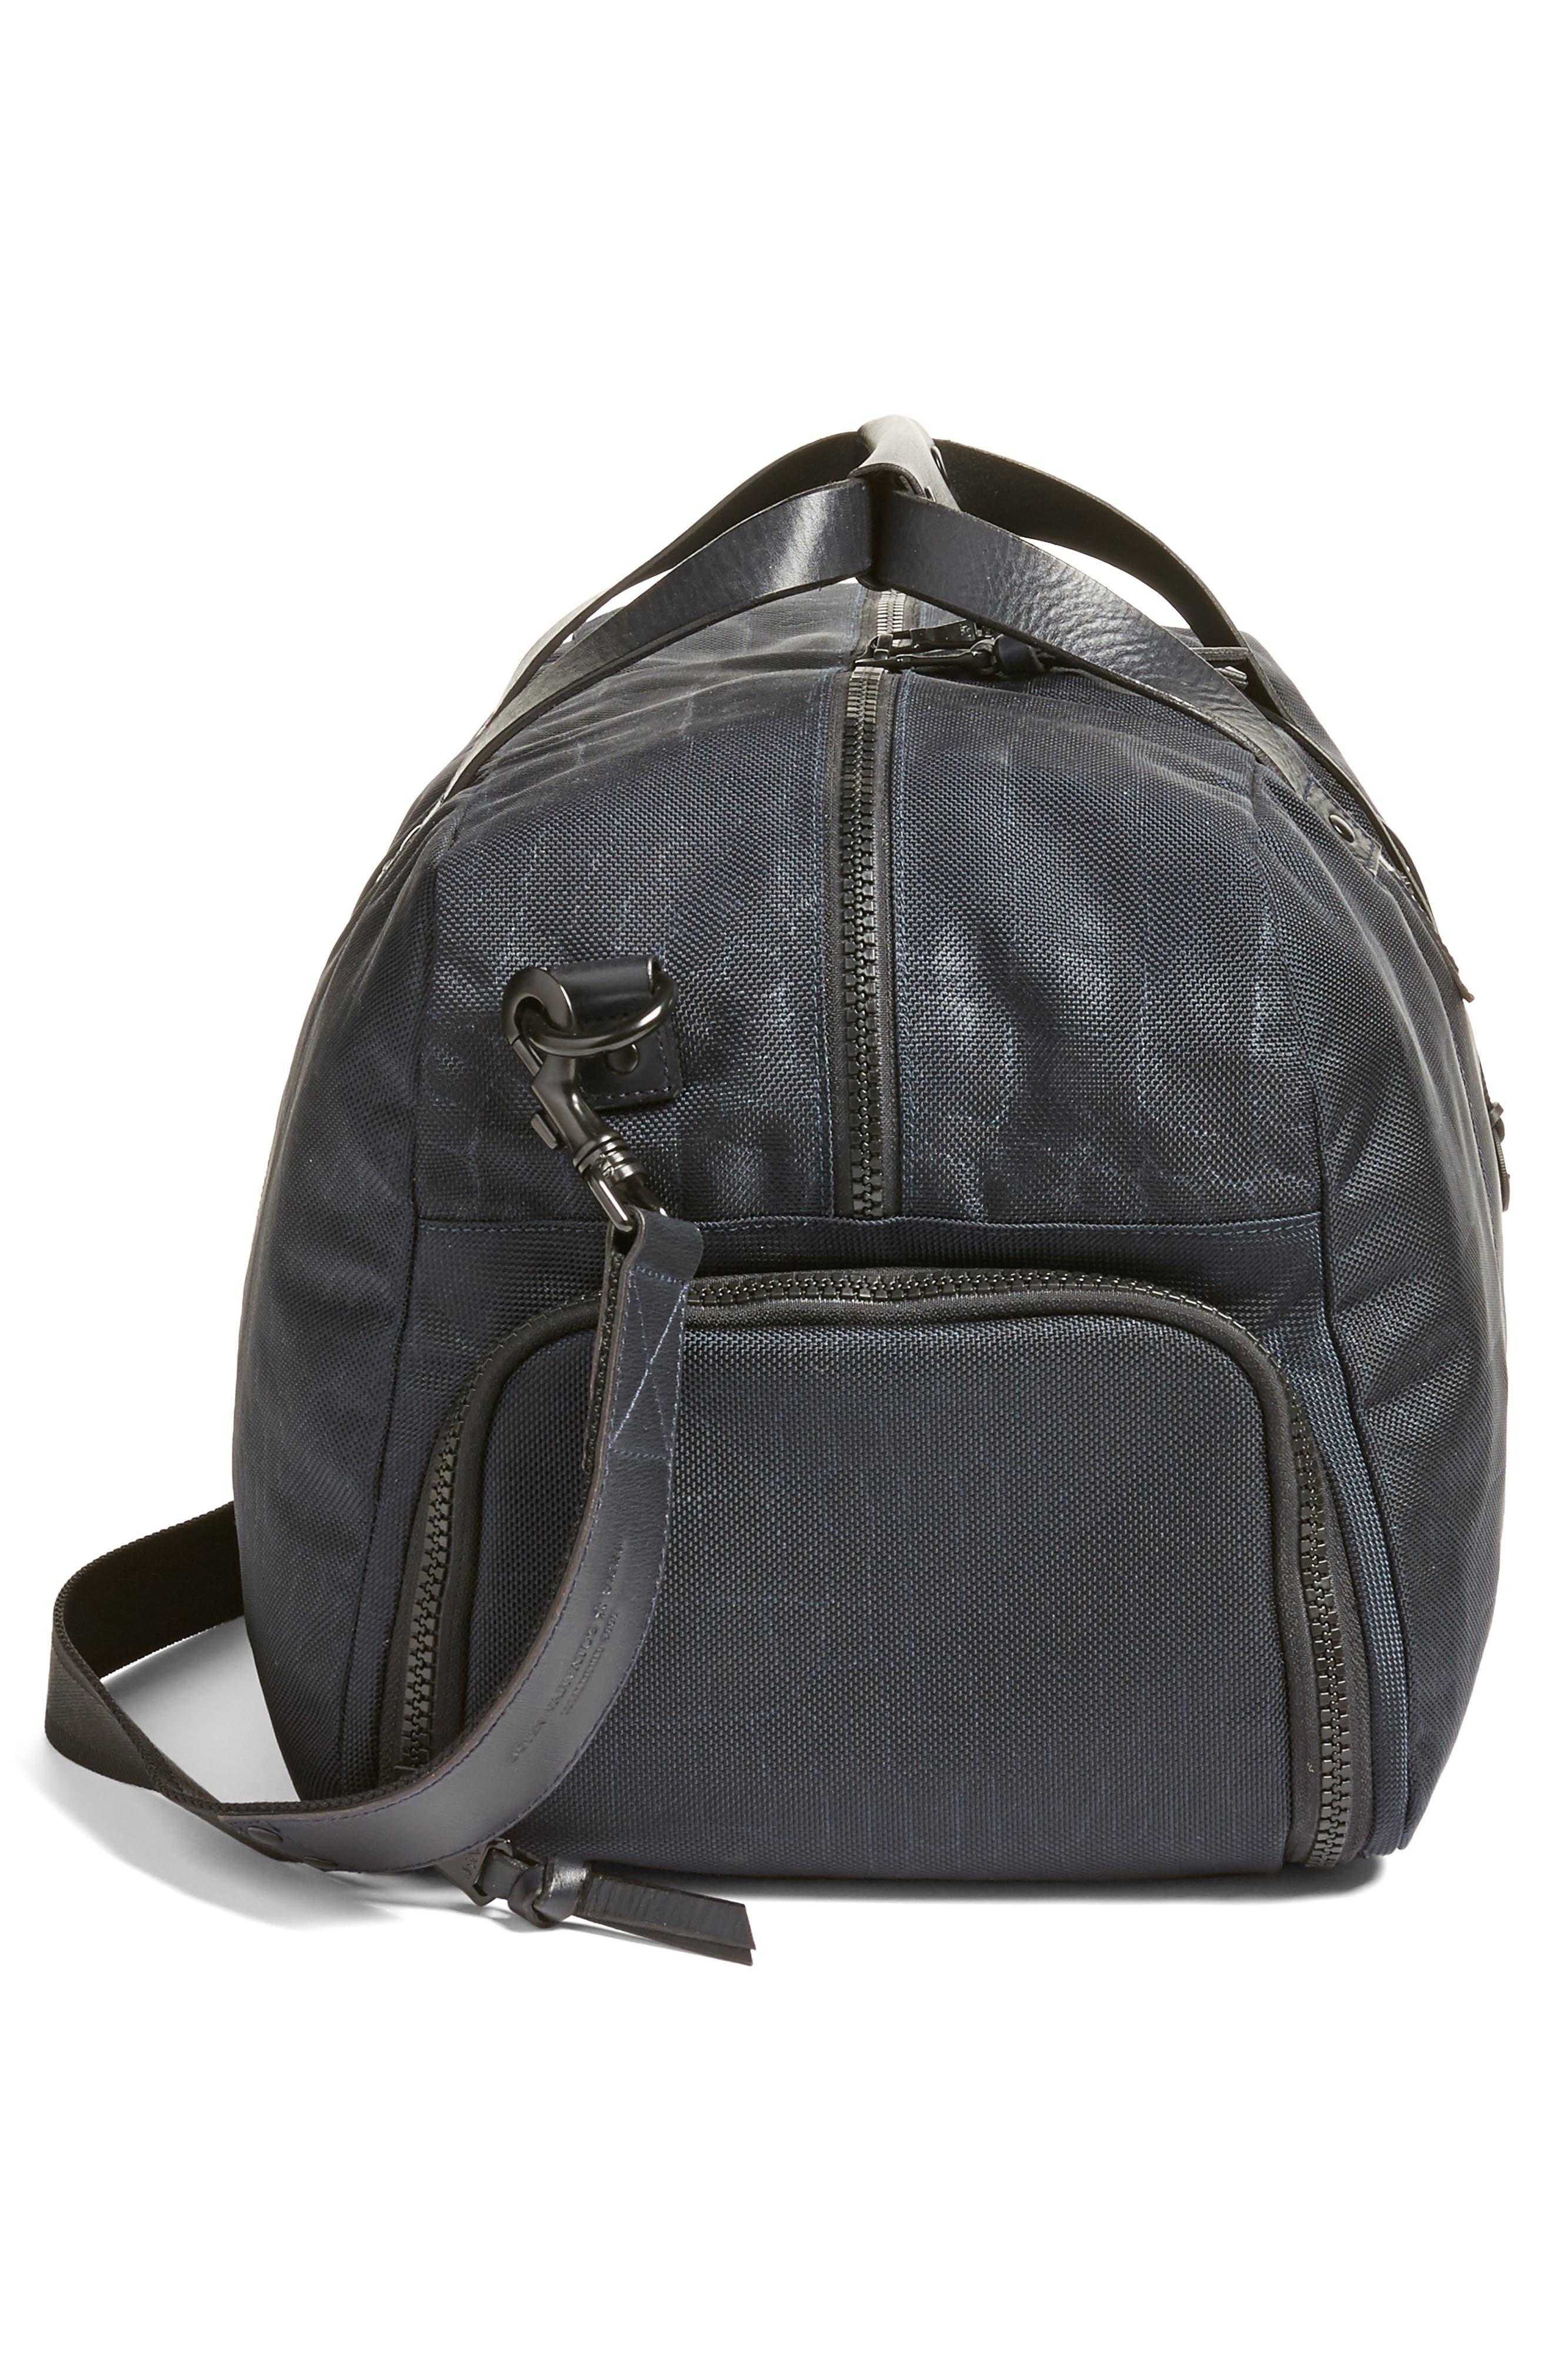 Duffel Bag,                             Alternate thumbnail 5, color,                             412